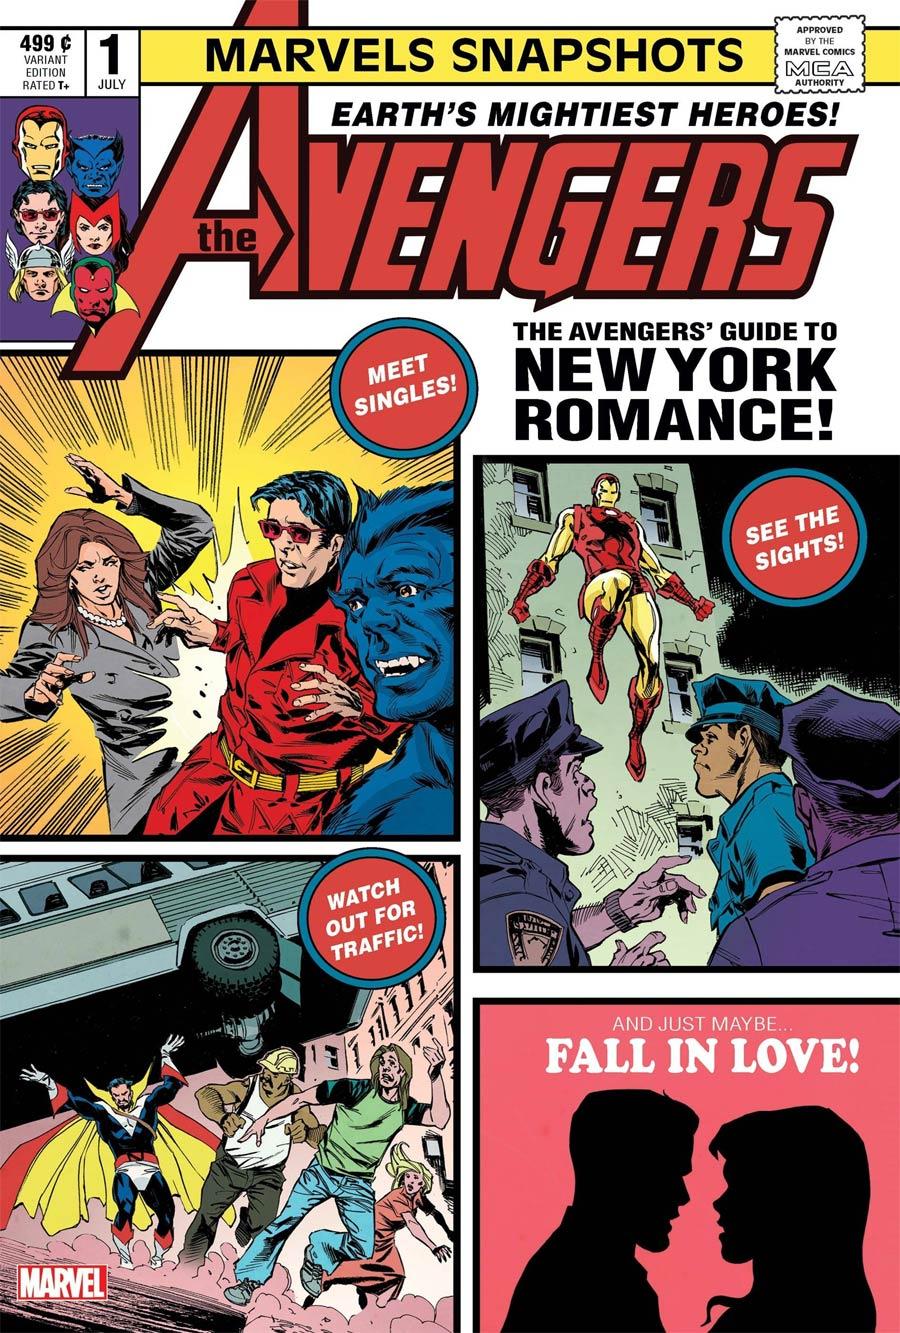 Avengers Marvels Snapshots #1 Cover B Variant Staz Johnson Cover